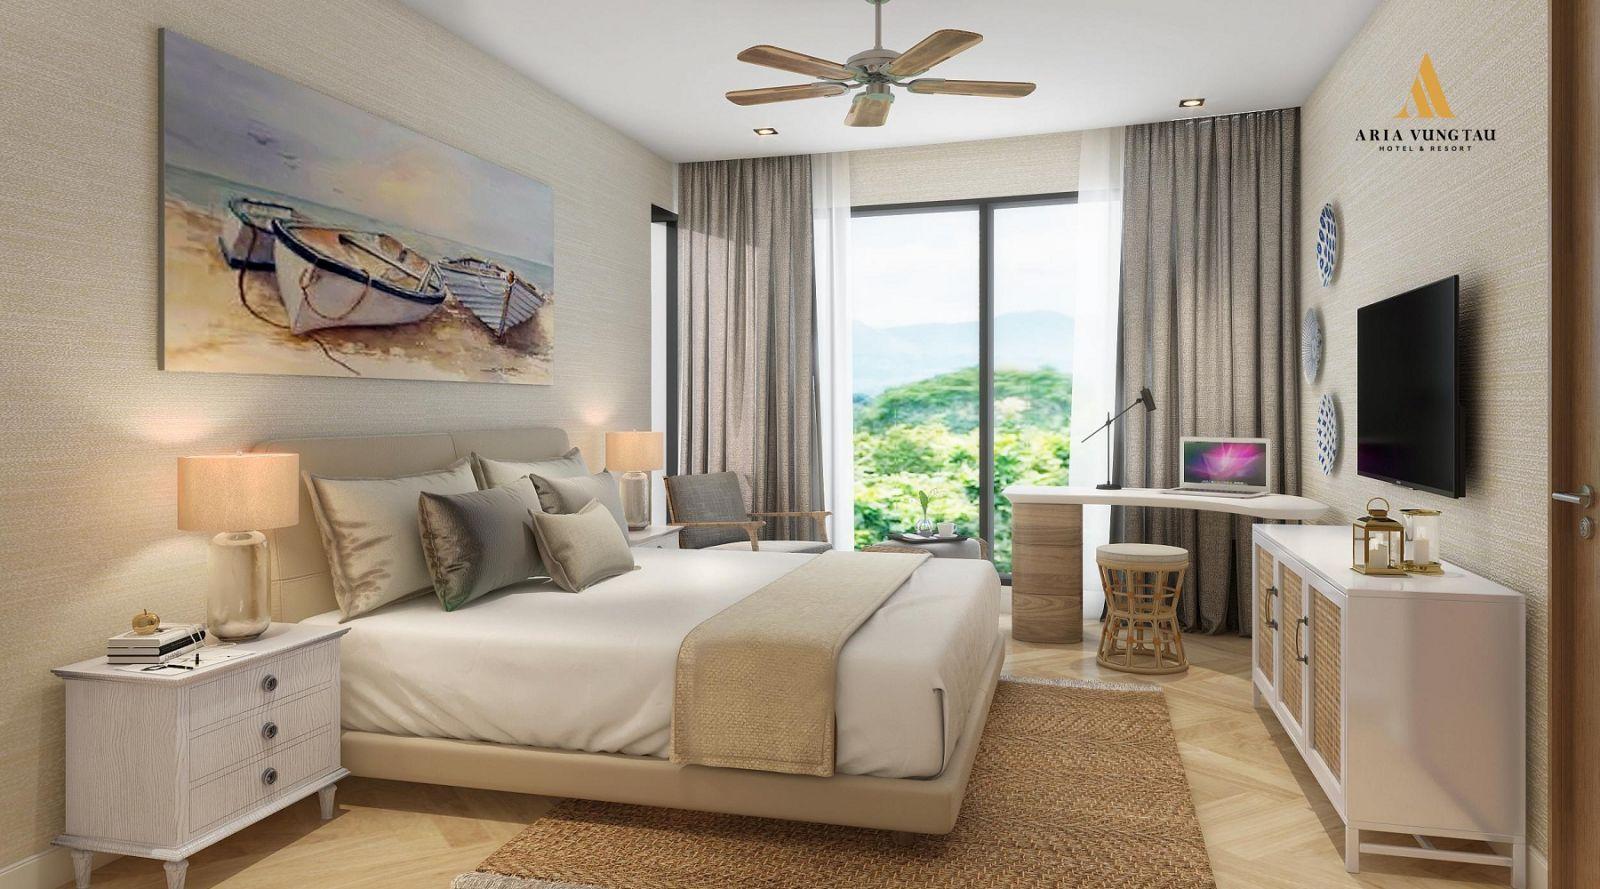 Phòng ngủ 2 Aria Vũng Tàu Hotel & Resort